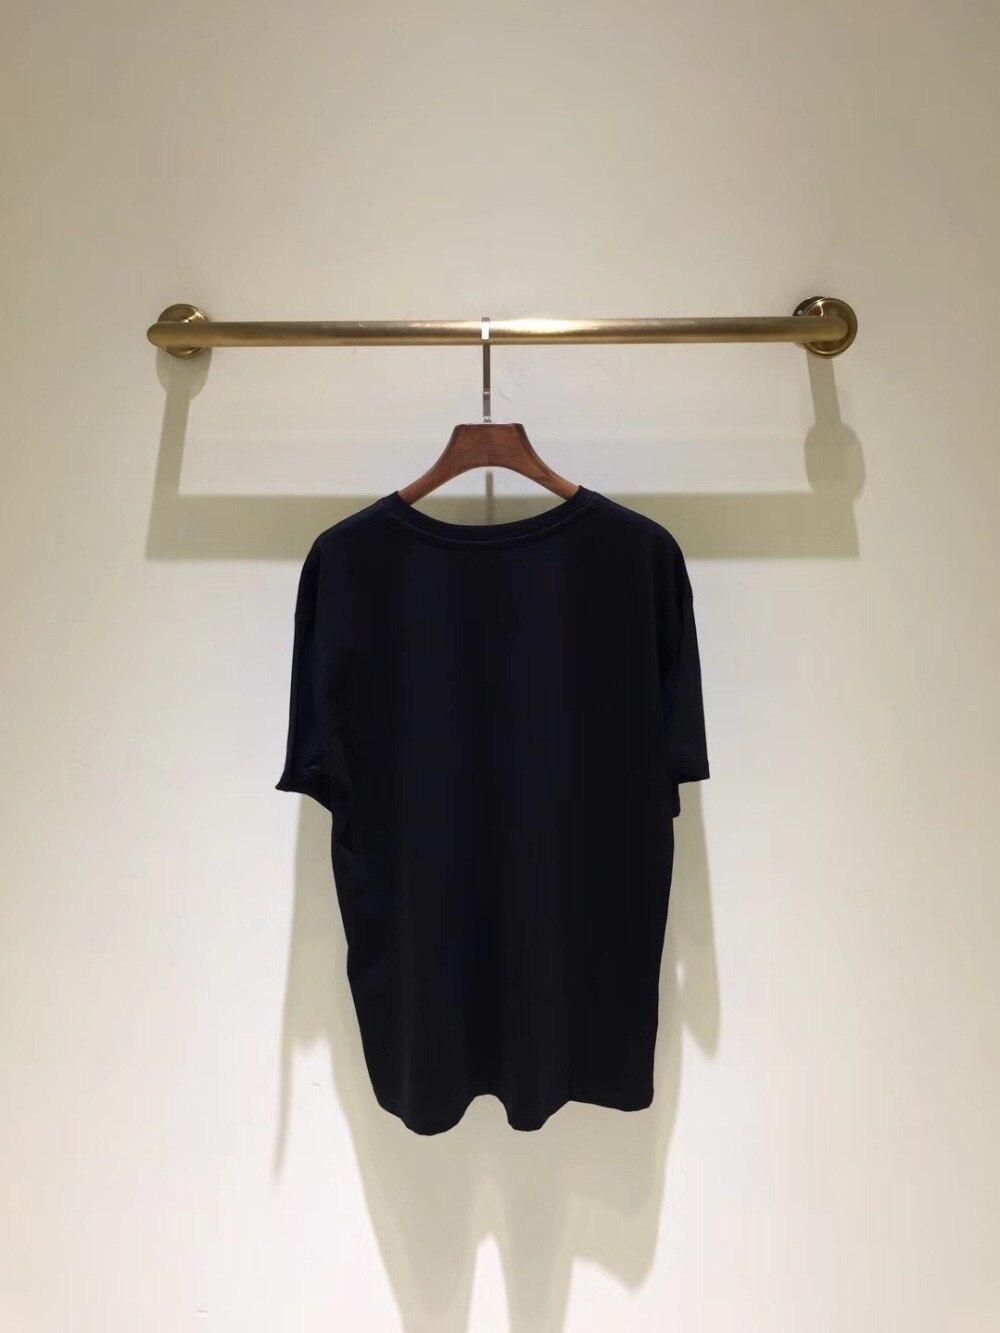 Design Pista Da Camicette Stile Modo Partito Donne T Abbigliamento Europeo 2019 Di D02388 Donna Marca Del shirt Magliette Lusso Famoso Delle E q470U